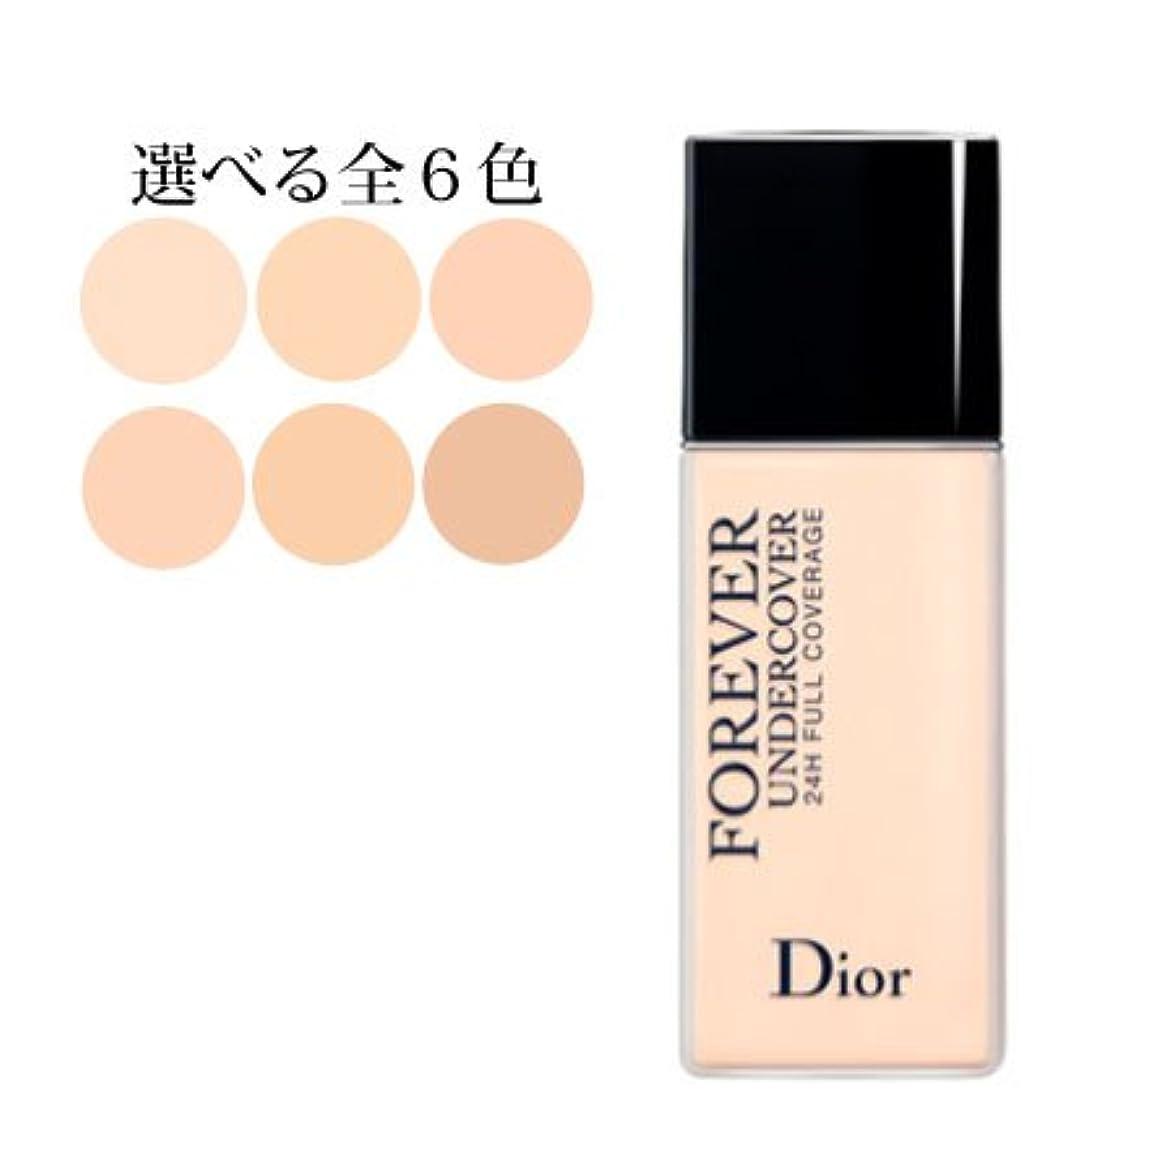 リーフレットゴネリル仲良しディオールスキン フォーエヴァー アンダーカバー 選べる6色 -Dior- 030